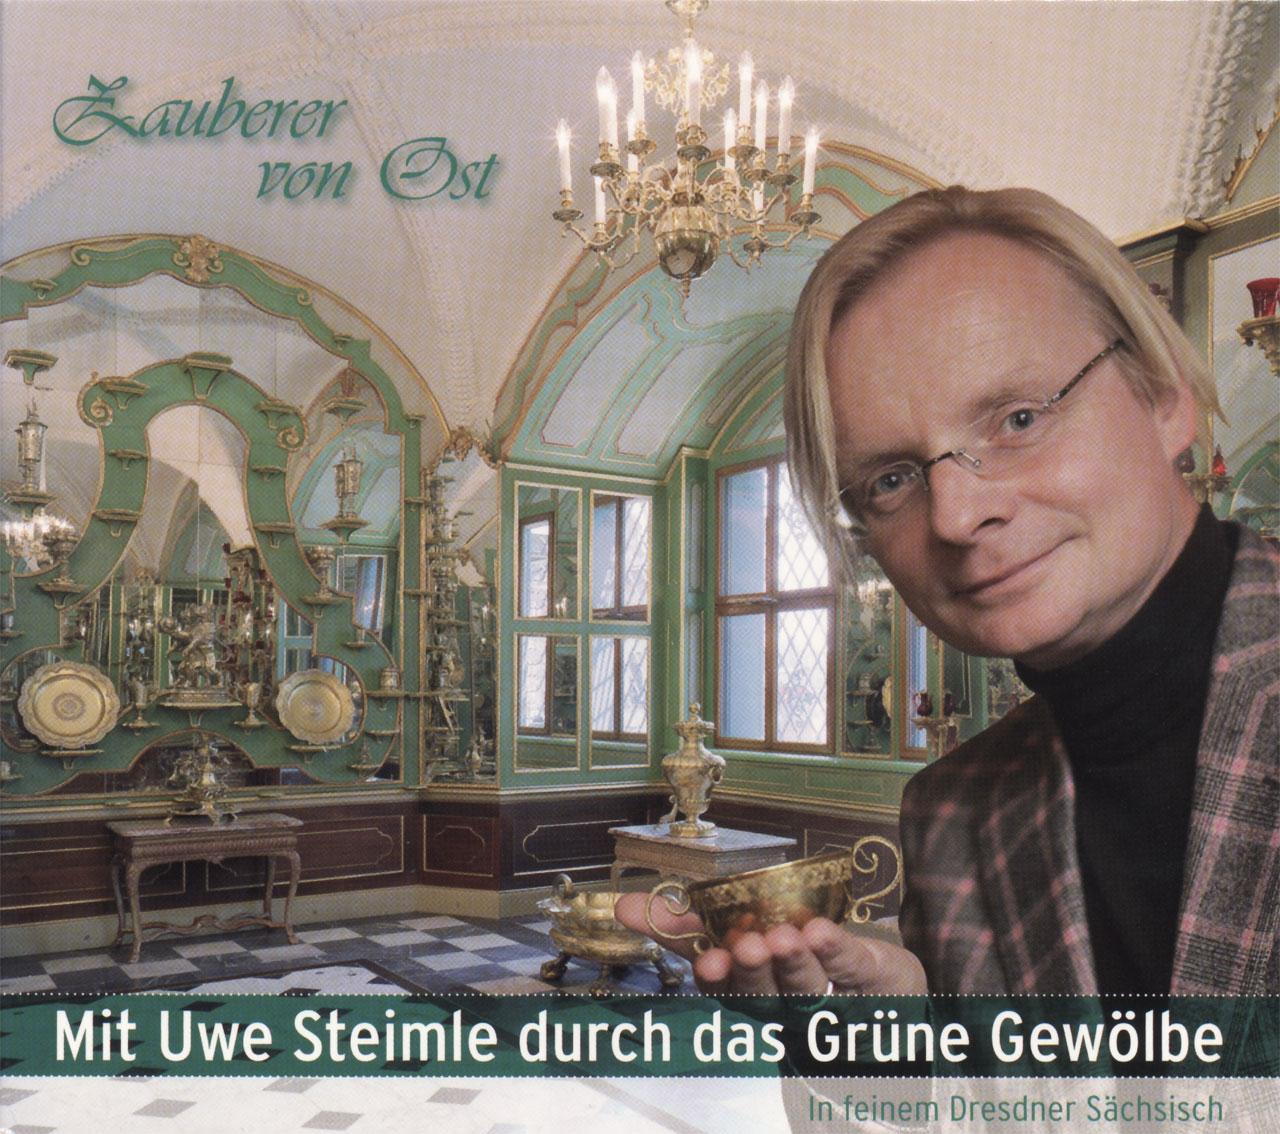 Mit Uwe Steimle durch das Grüne Gewölbe  Reihe »Zauberer von Ost«